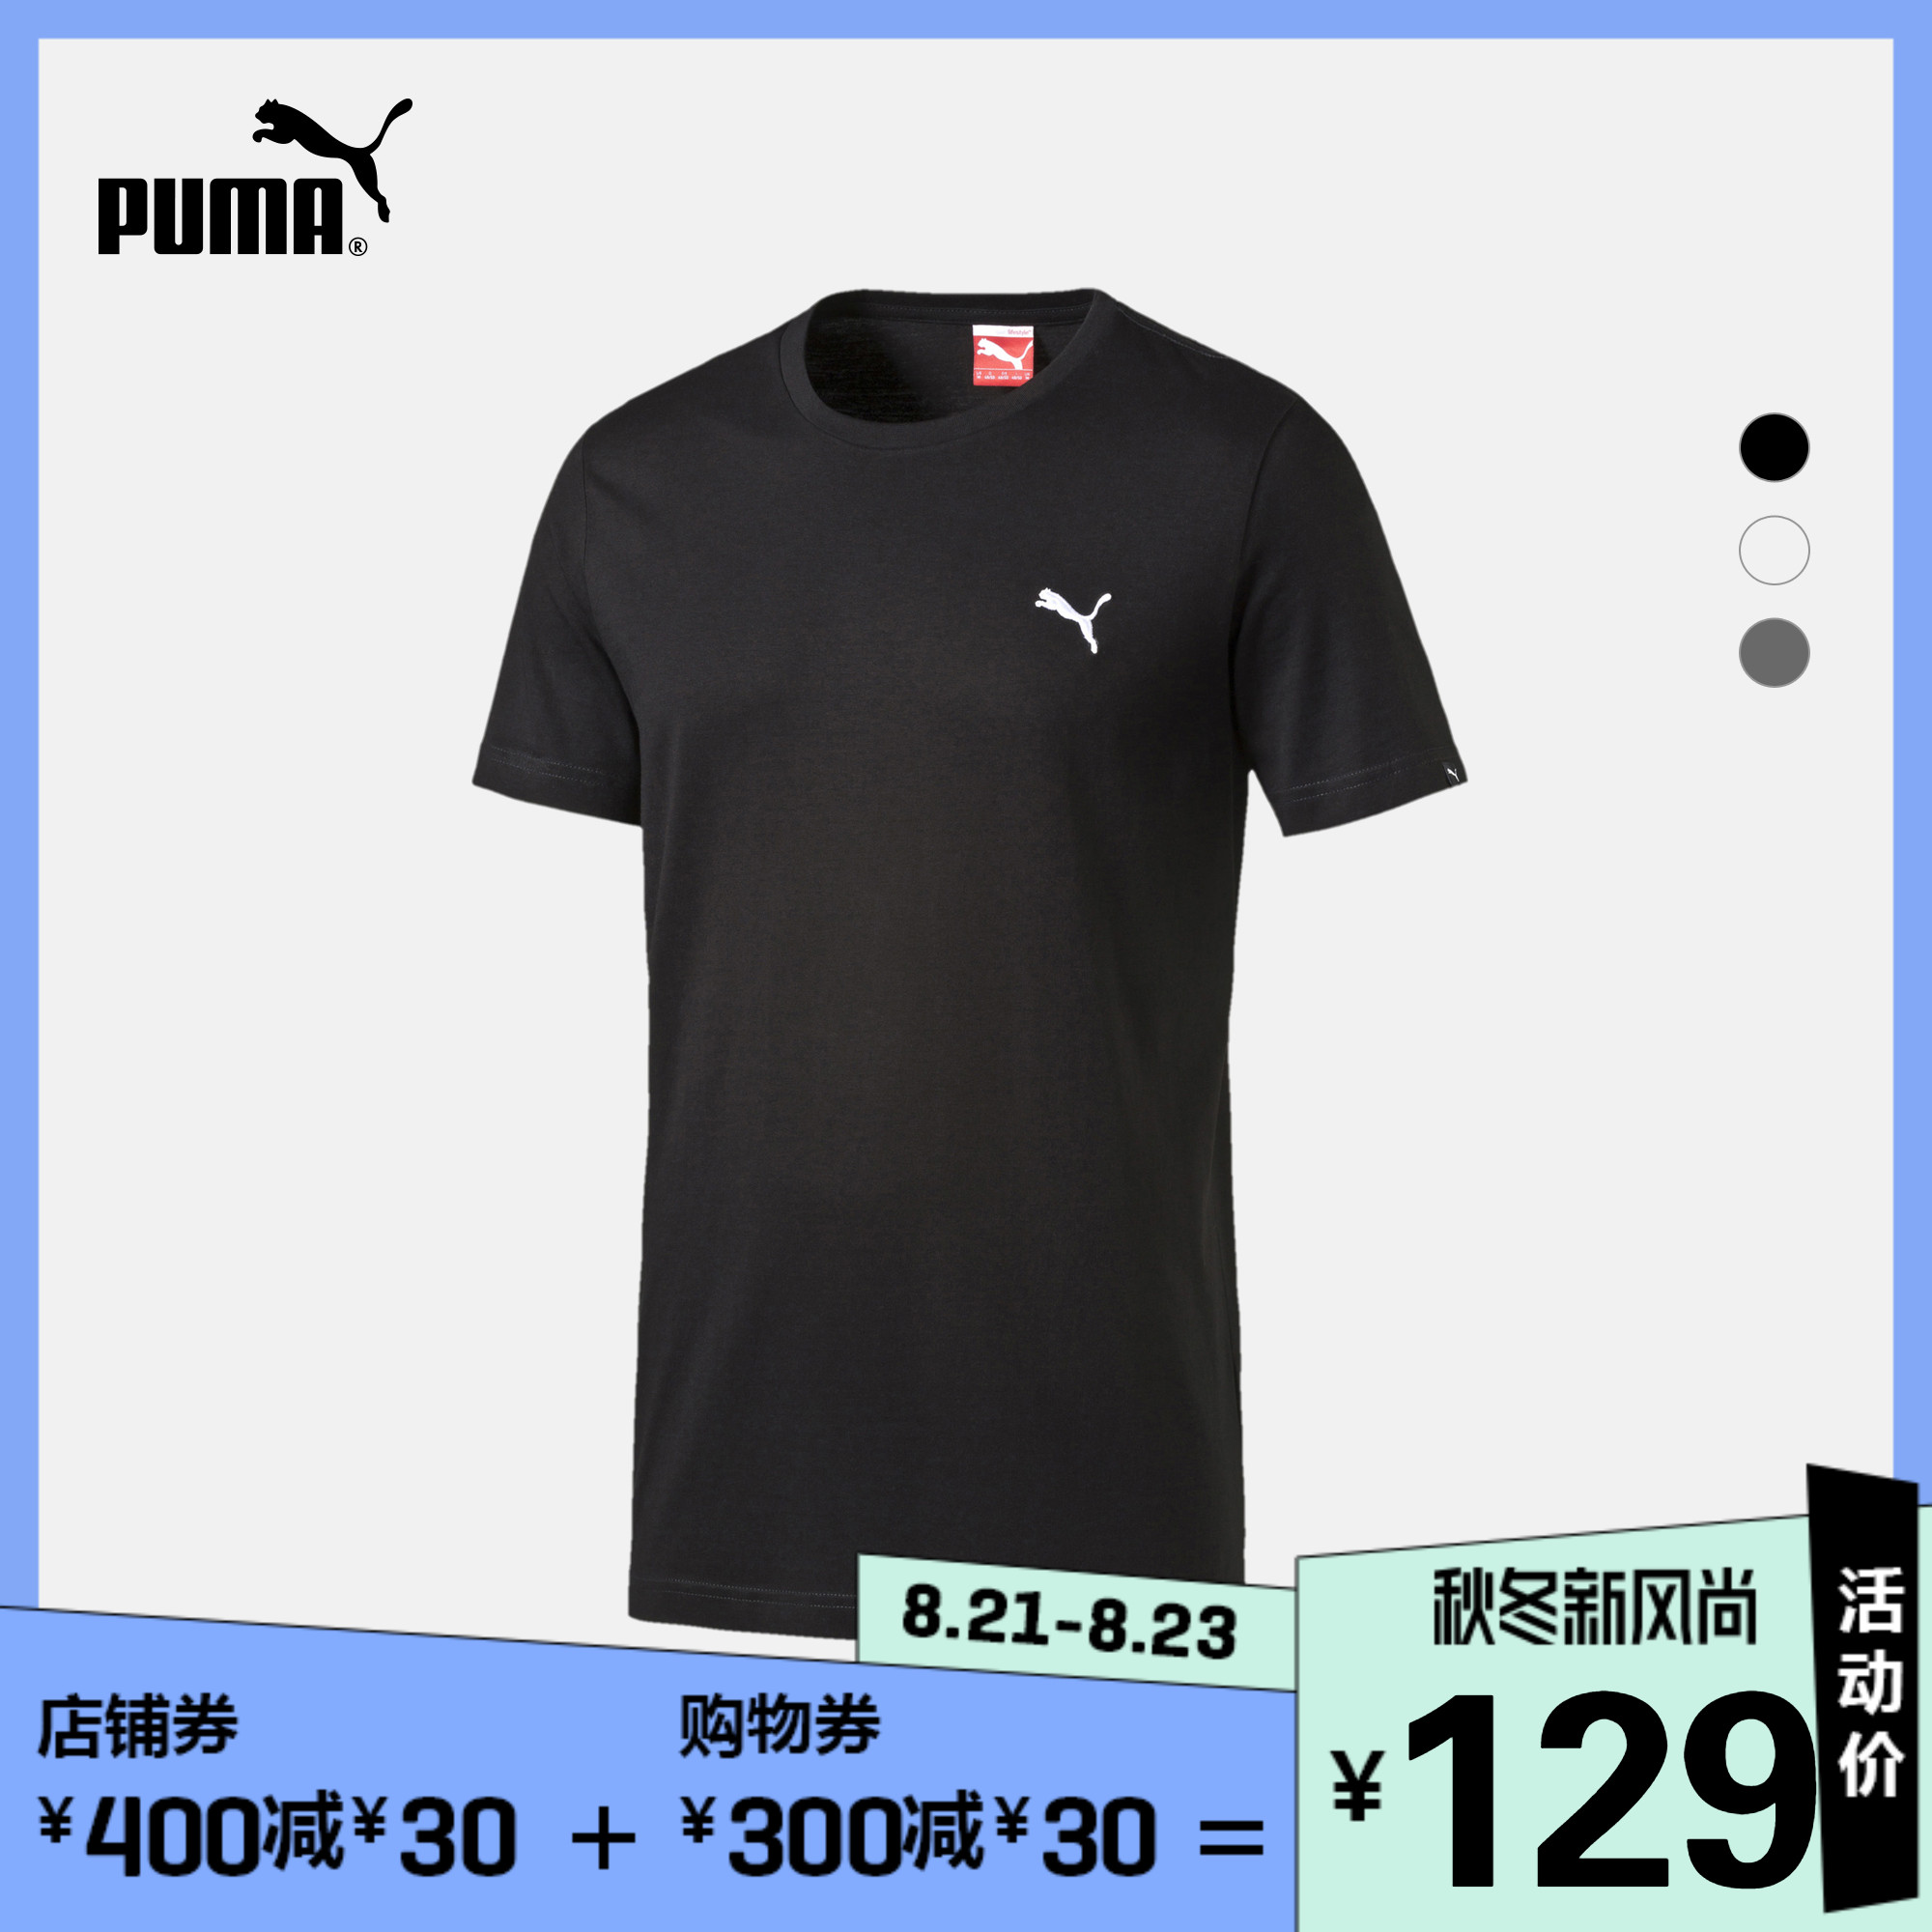 PUMA彪马短袖官方圆领春夏v短袖正品男子T恤ESS834479